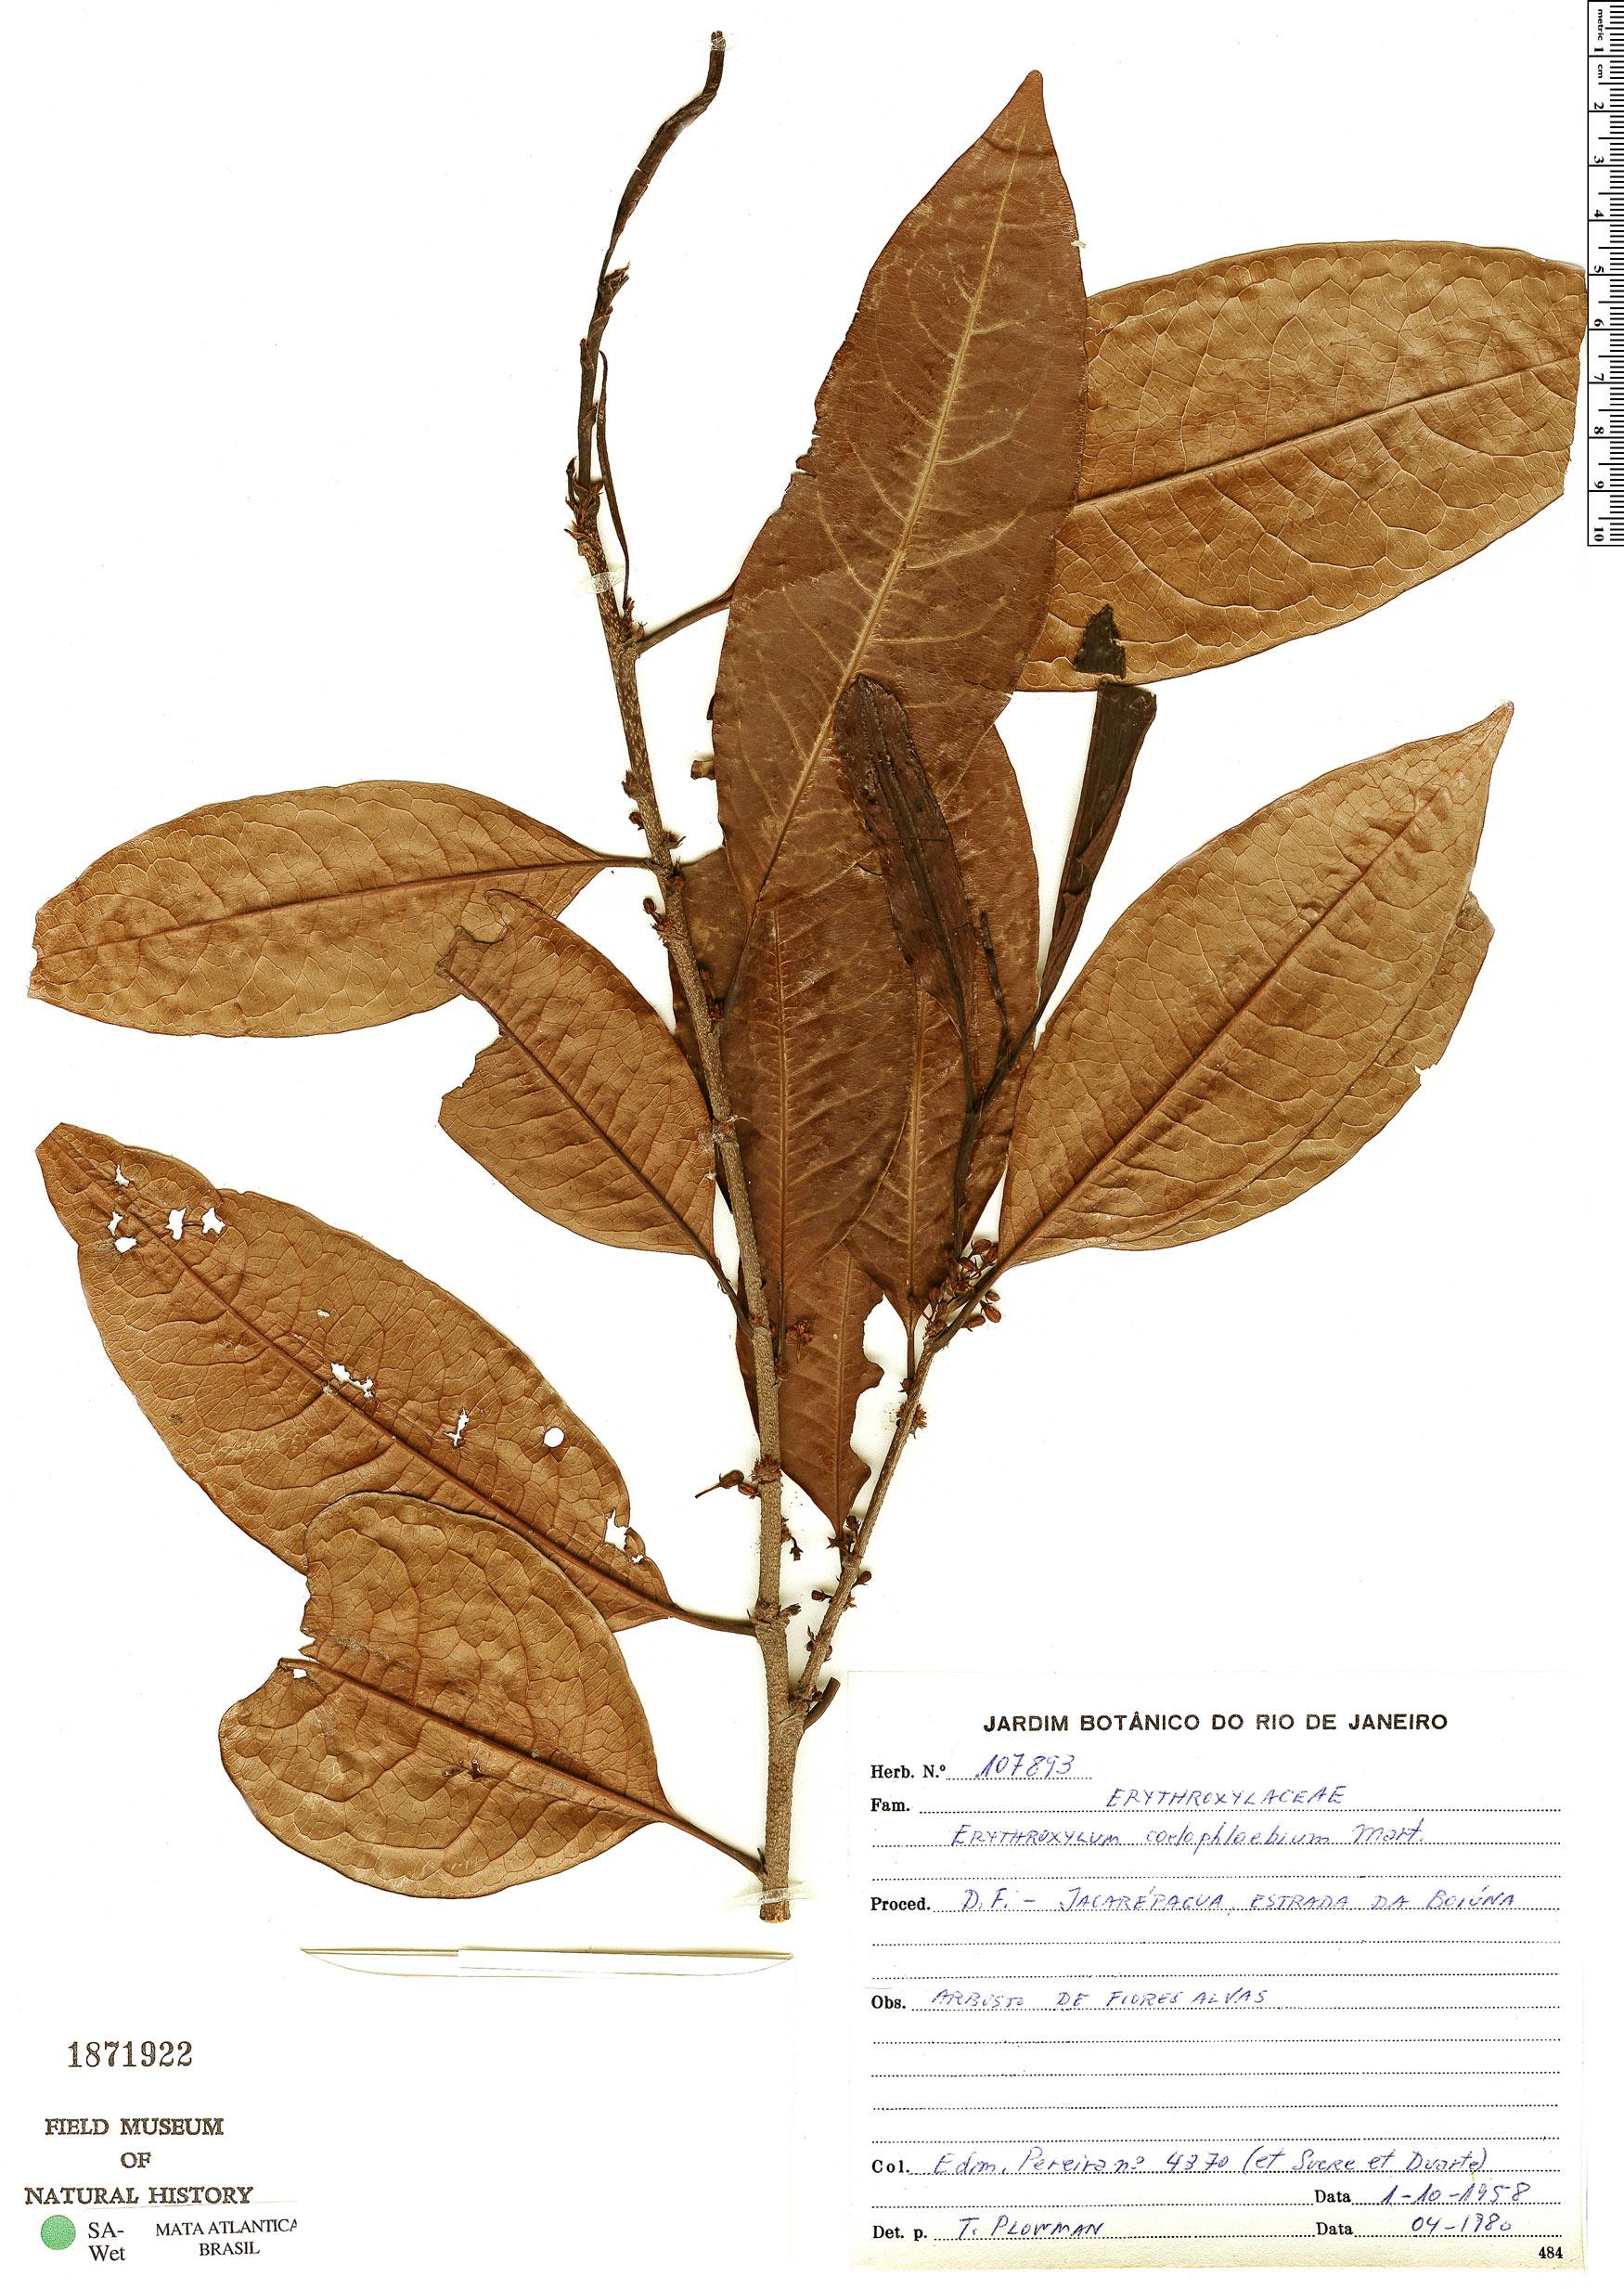 Espécime: Erythroxylum coelophlebium